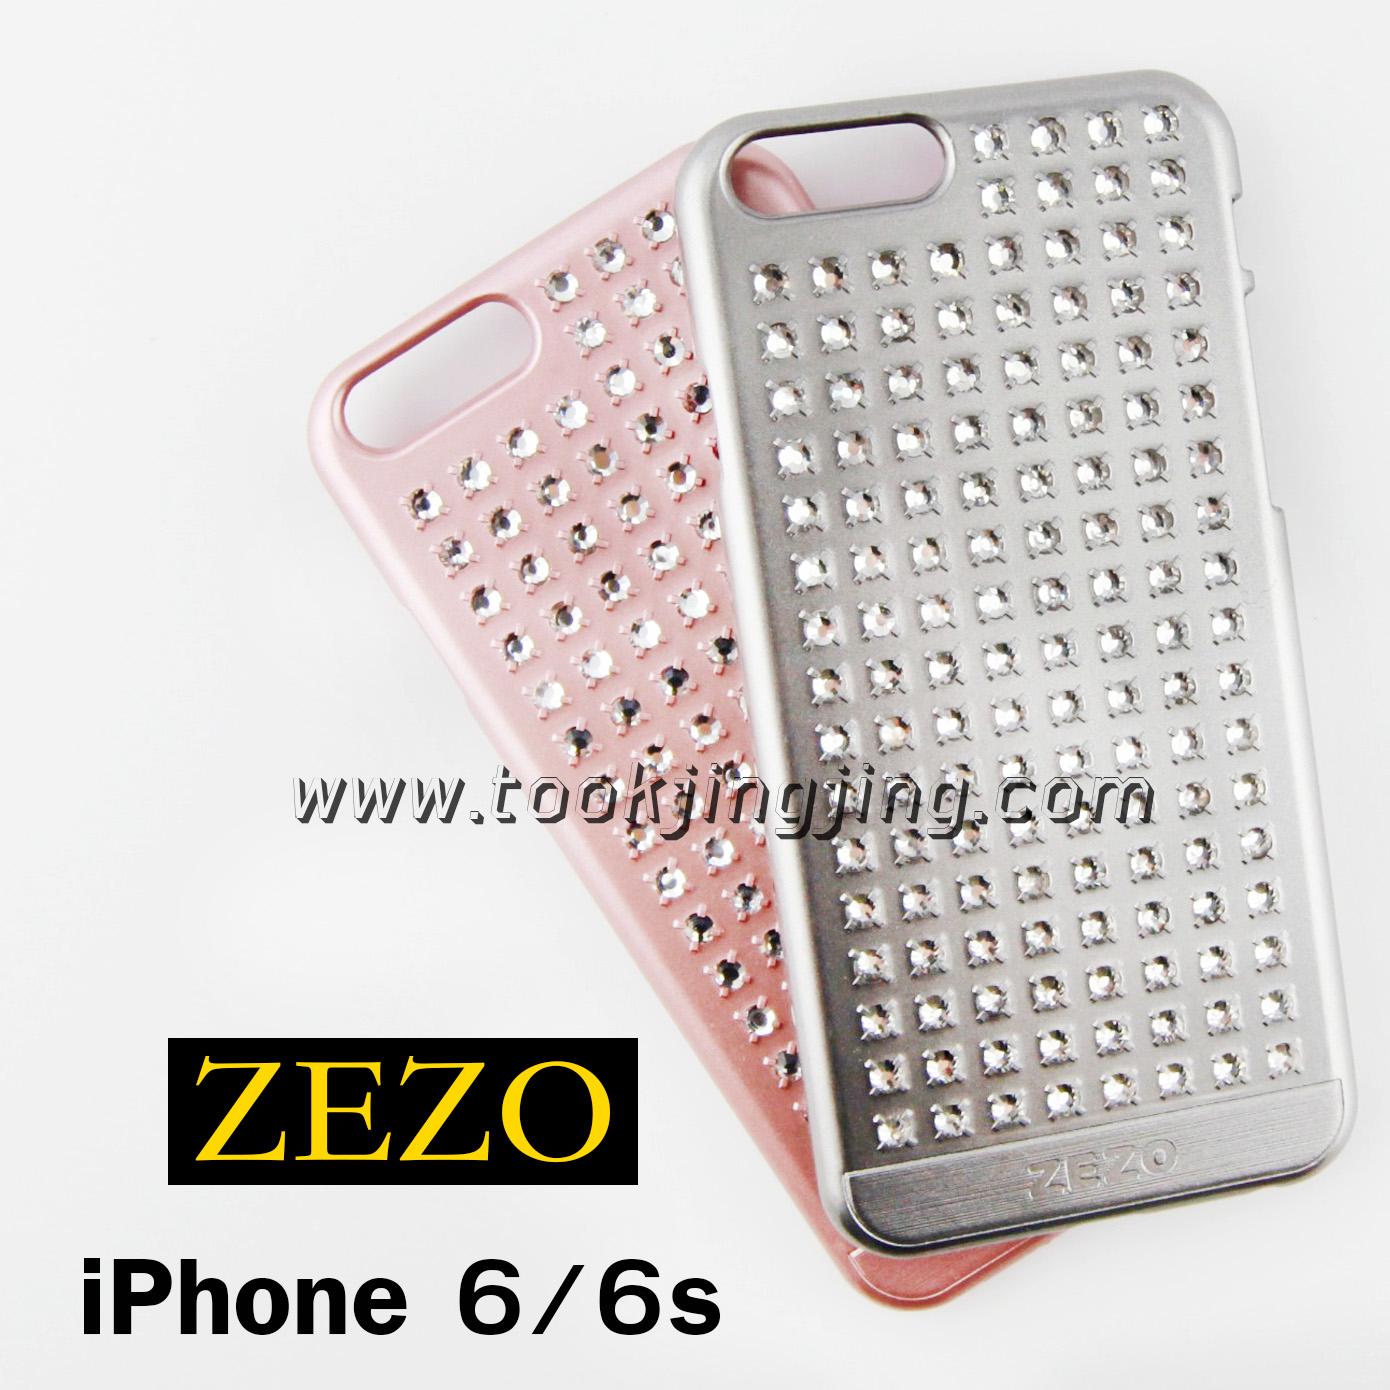 เคสเพชร ZEZO iPhone 6/6s ลดเหลือ 39 บาท ปกติ 350 บาท